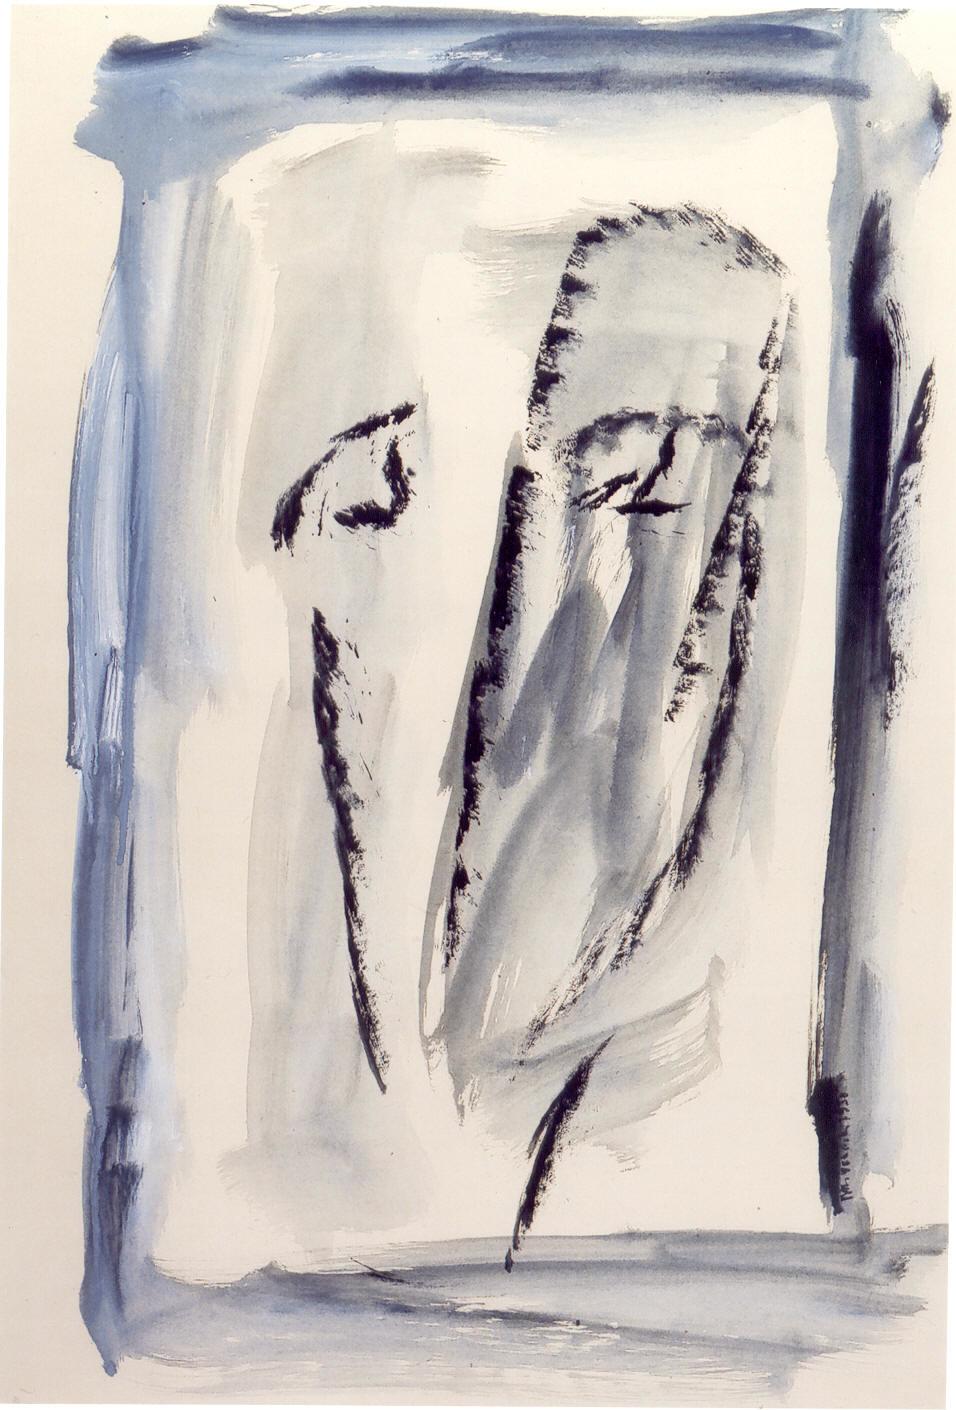 Autoritratto, 1950, tempera su carta, cm 76 x 53  Autoritratto, 1950, tempera on paper, cm 76 x 53